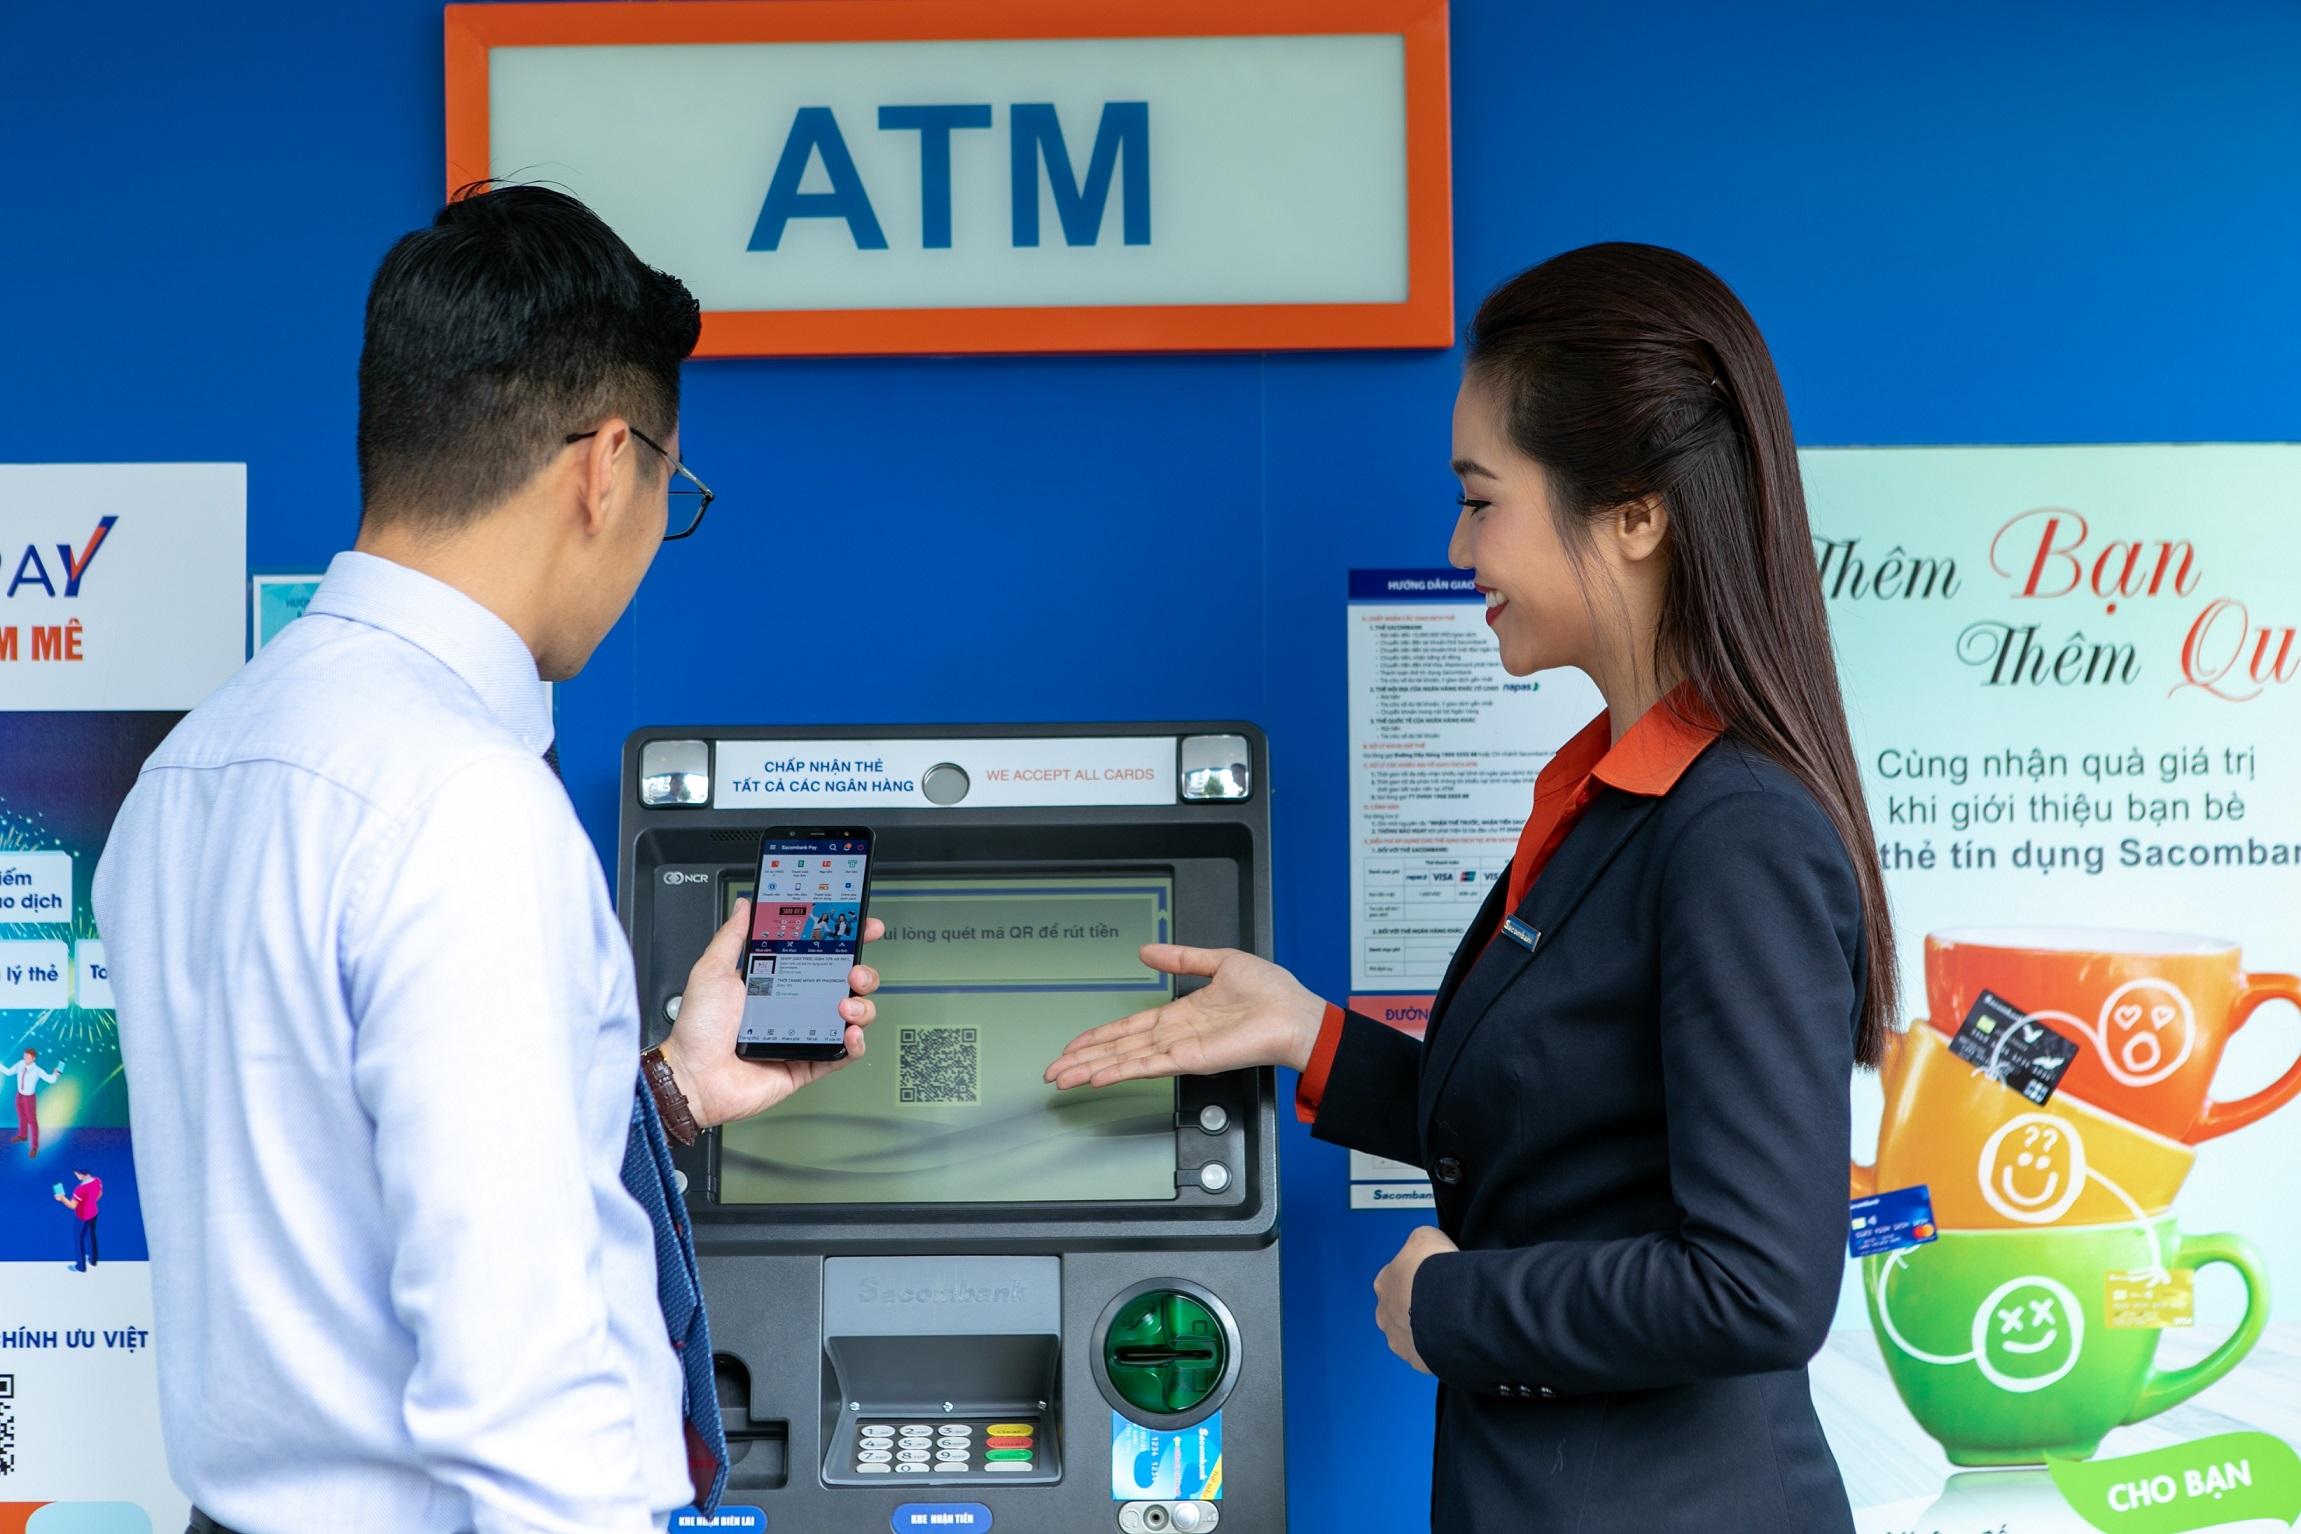 Người nhận tại Việt Nam có thể tuỳ ý rút tiền mặt tại các chi nhánh ngân hàng và hệ thống ATM trên cả nước. Ảnh: SHB